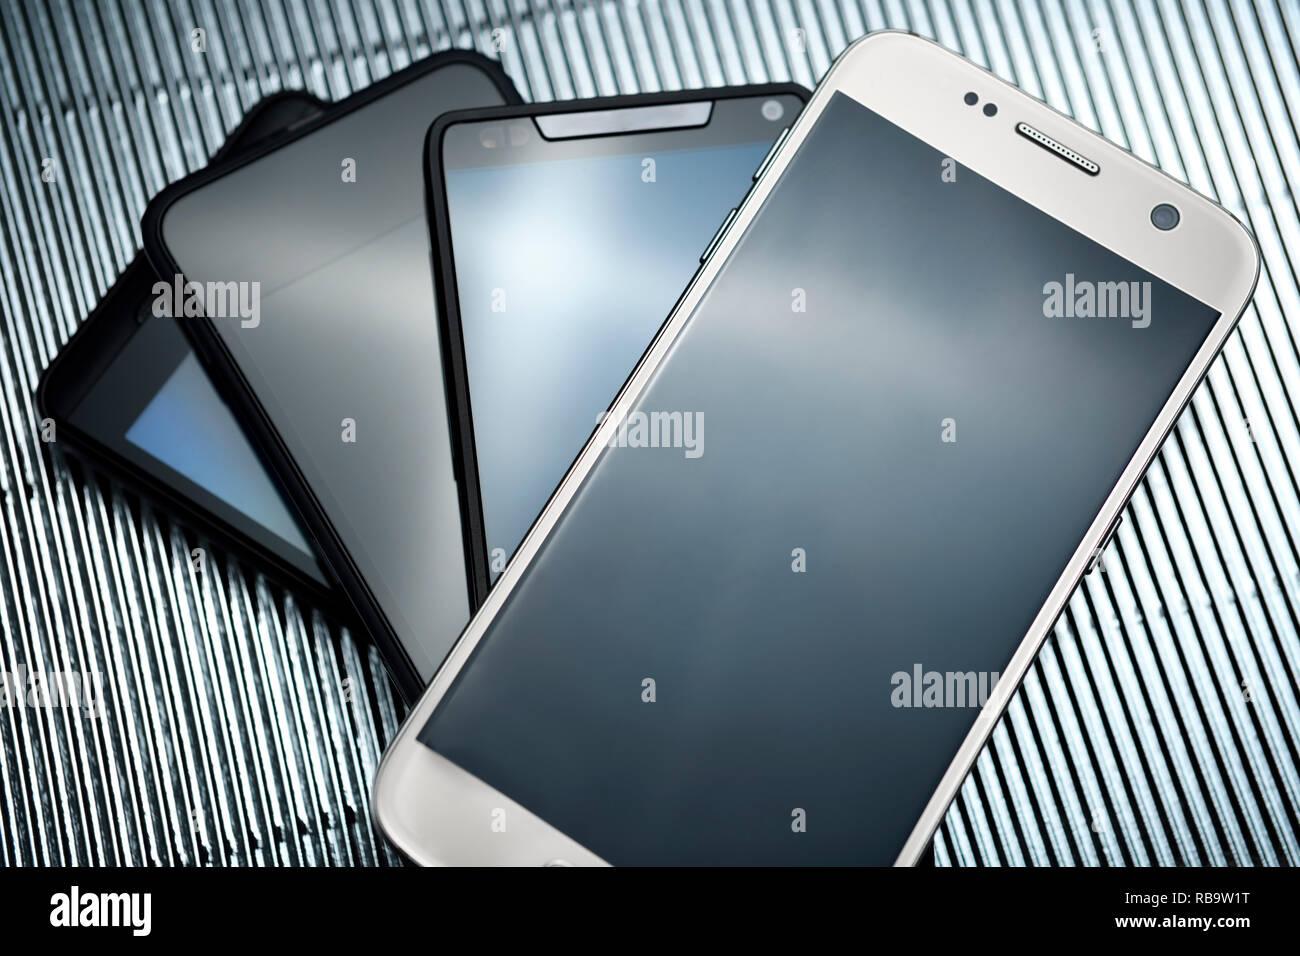 Smartphones - Stock Image